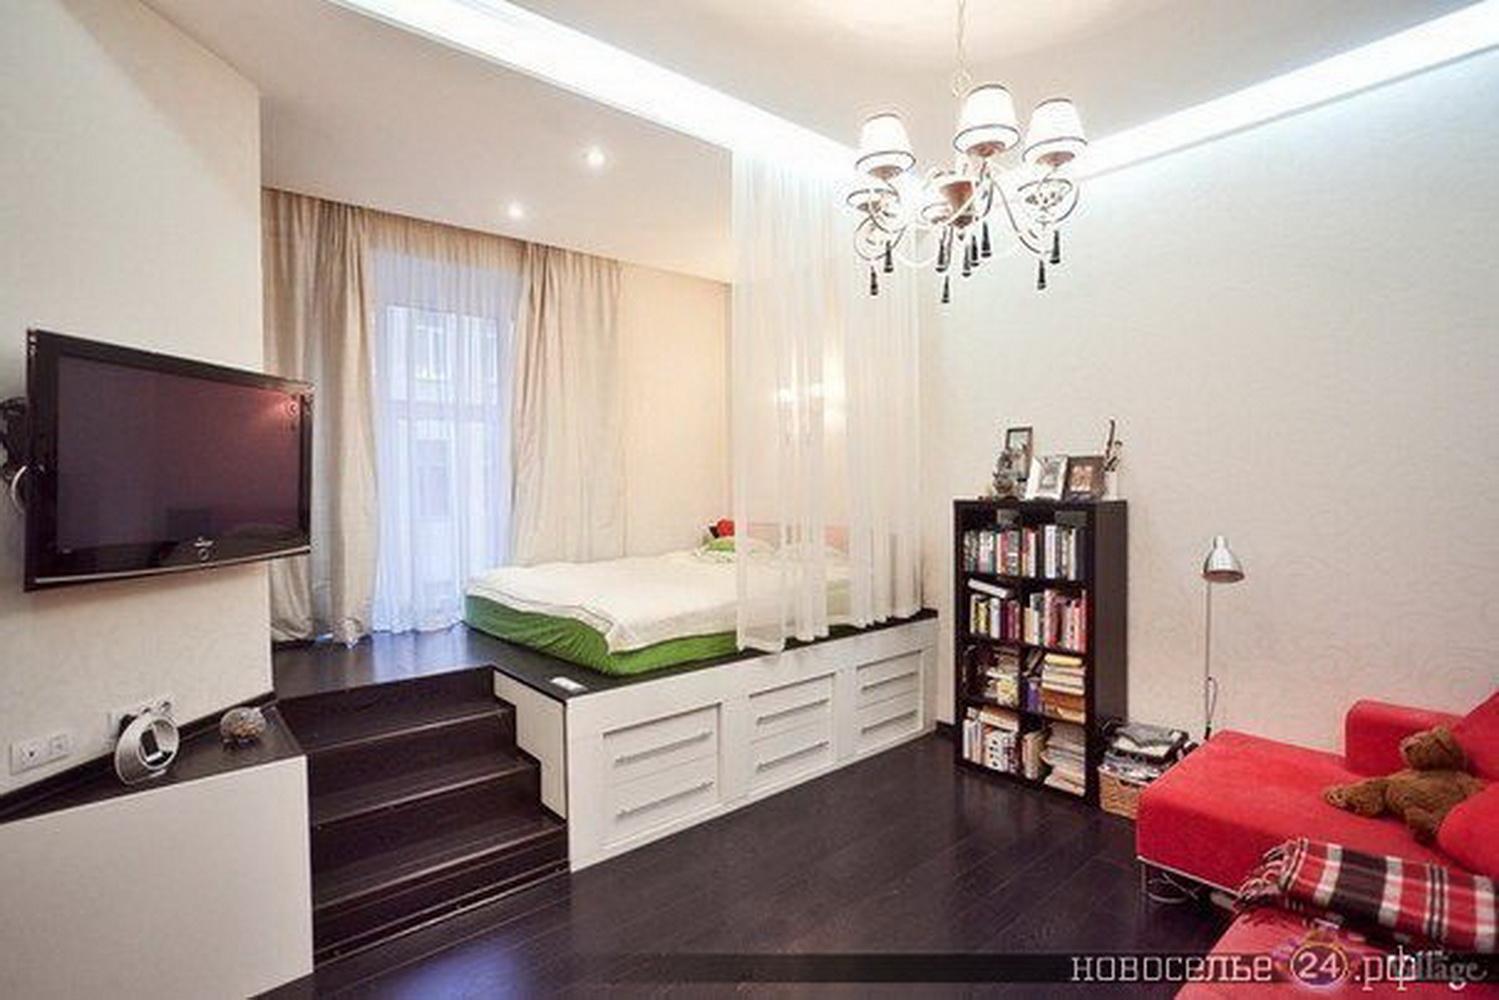 Идея для однокомнатной квартиры всё что нравится постила.